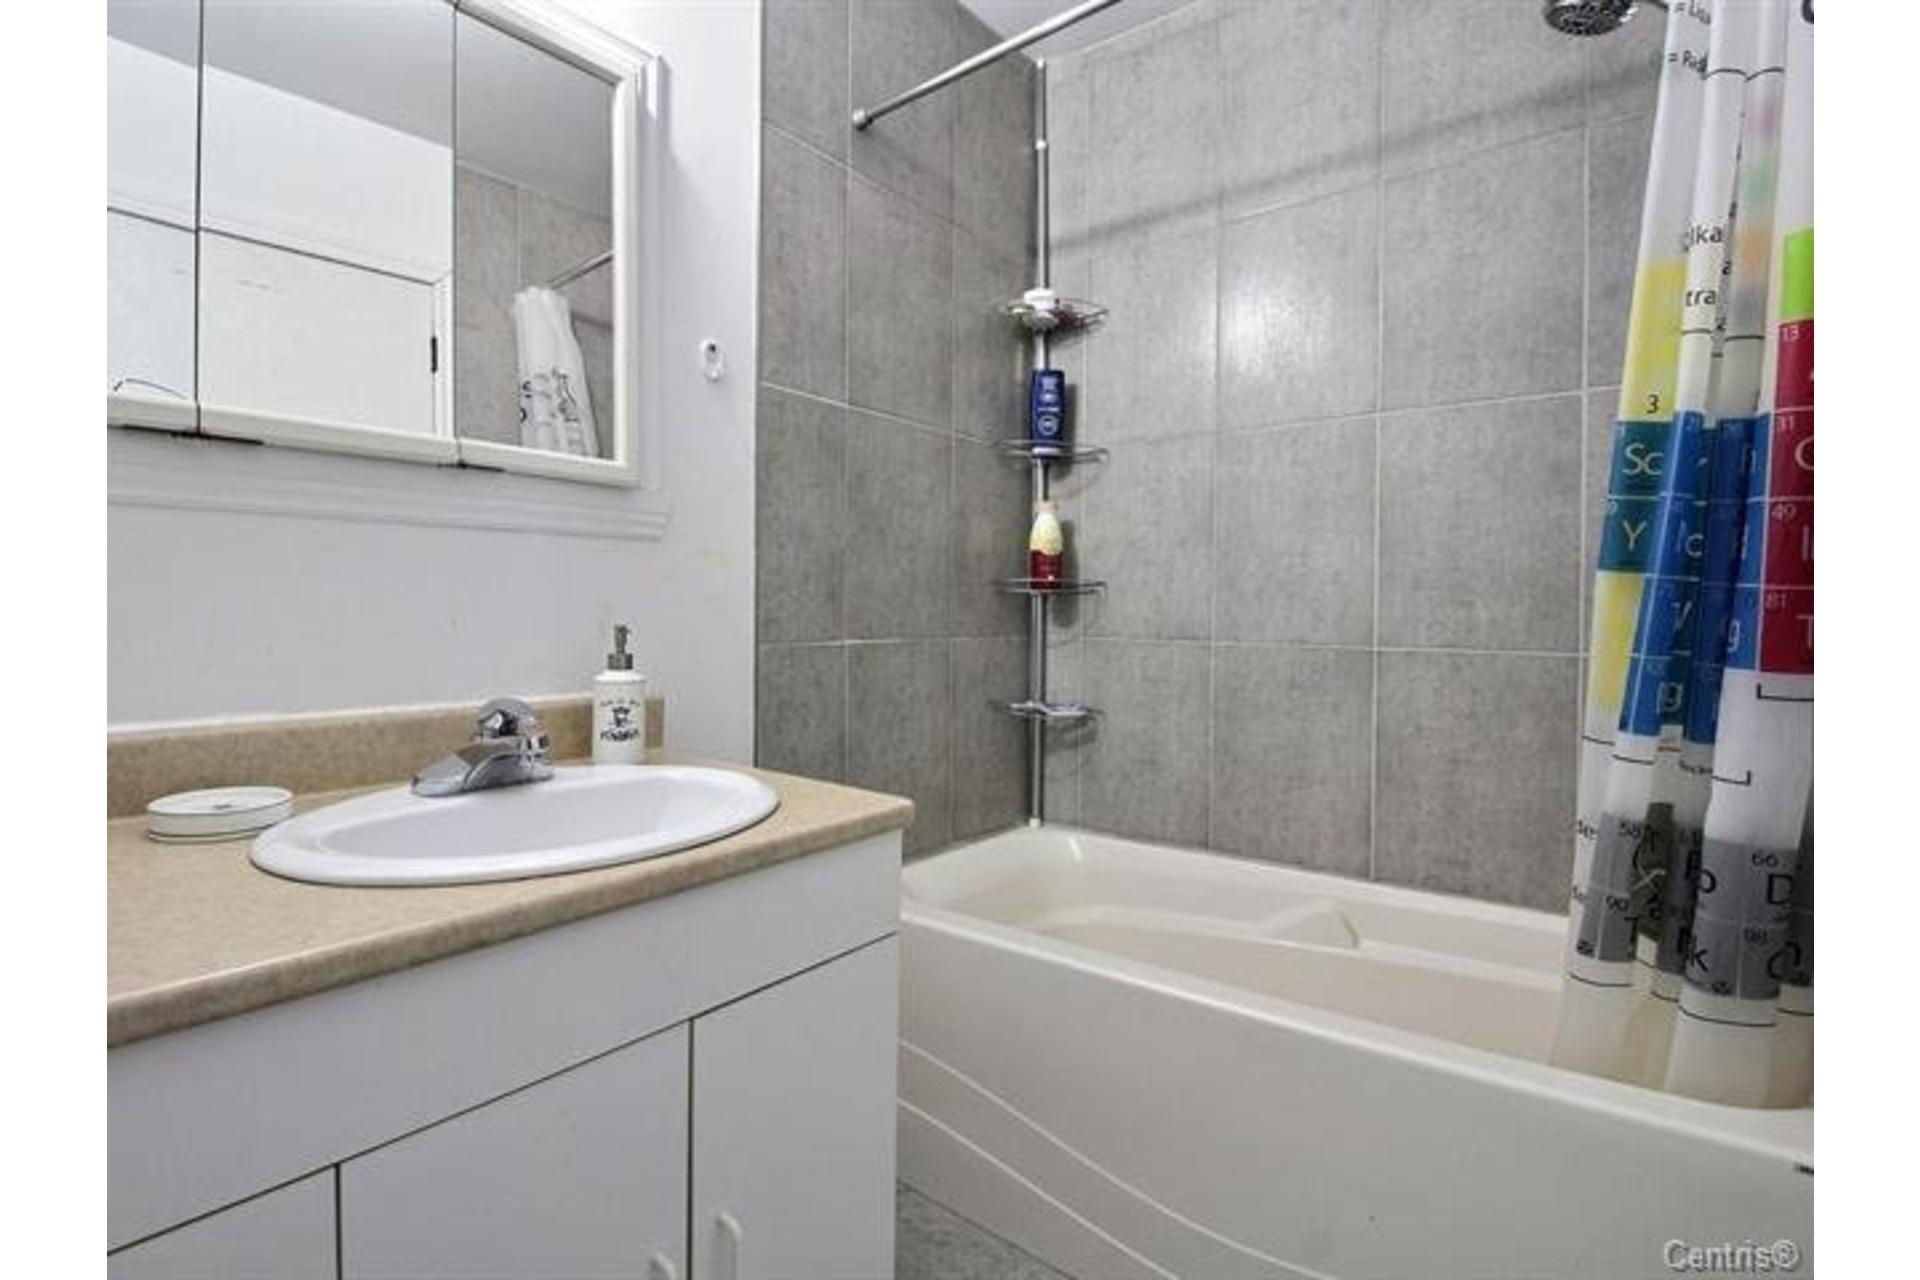 image 15 - Apartment For rent Montréal Mercier/Hochelaga-Maisonneuve  - 7 rooms